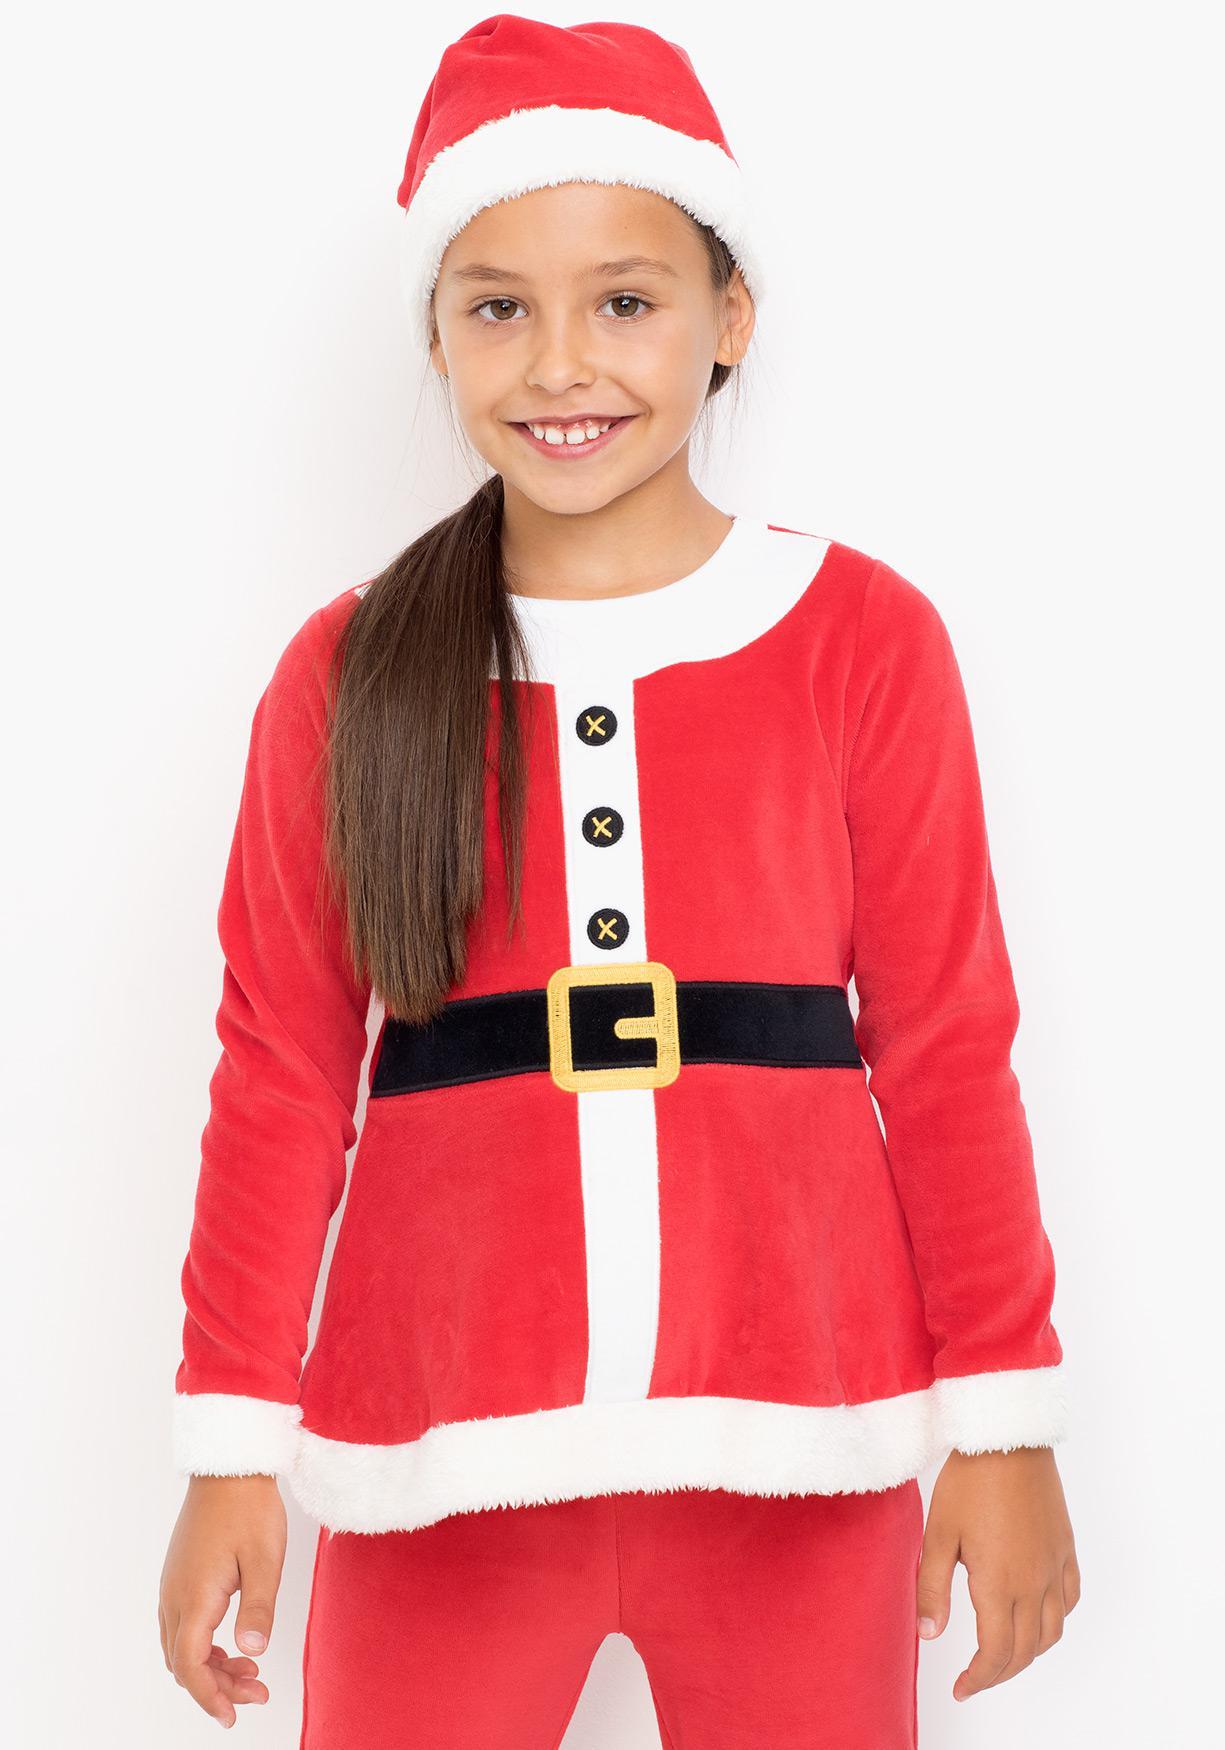 Comprar Pijama disfraz de Navidad TEX. ¡Aprovéchate de nuestros ... 389857ee3cb1